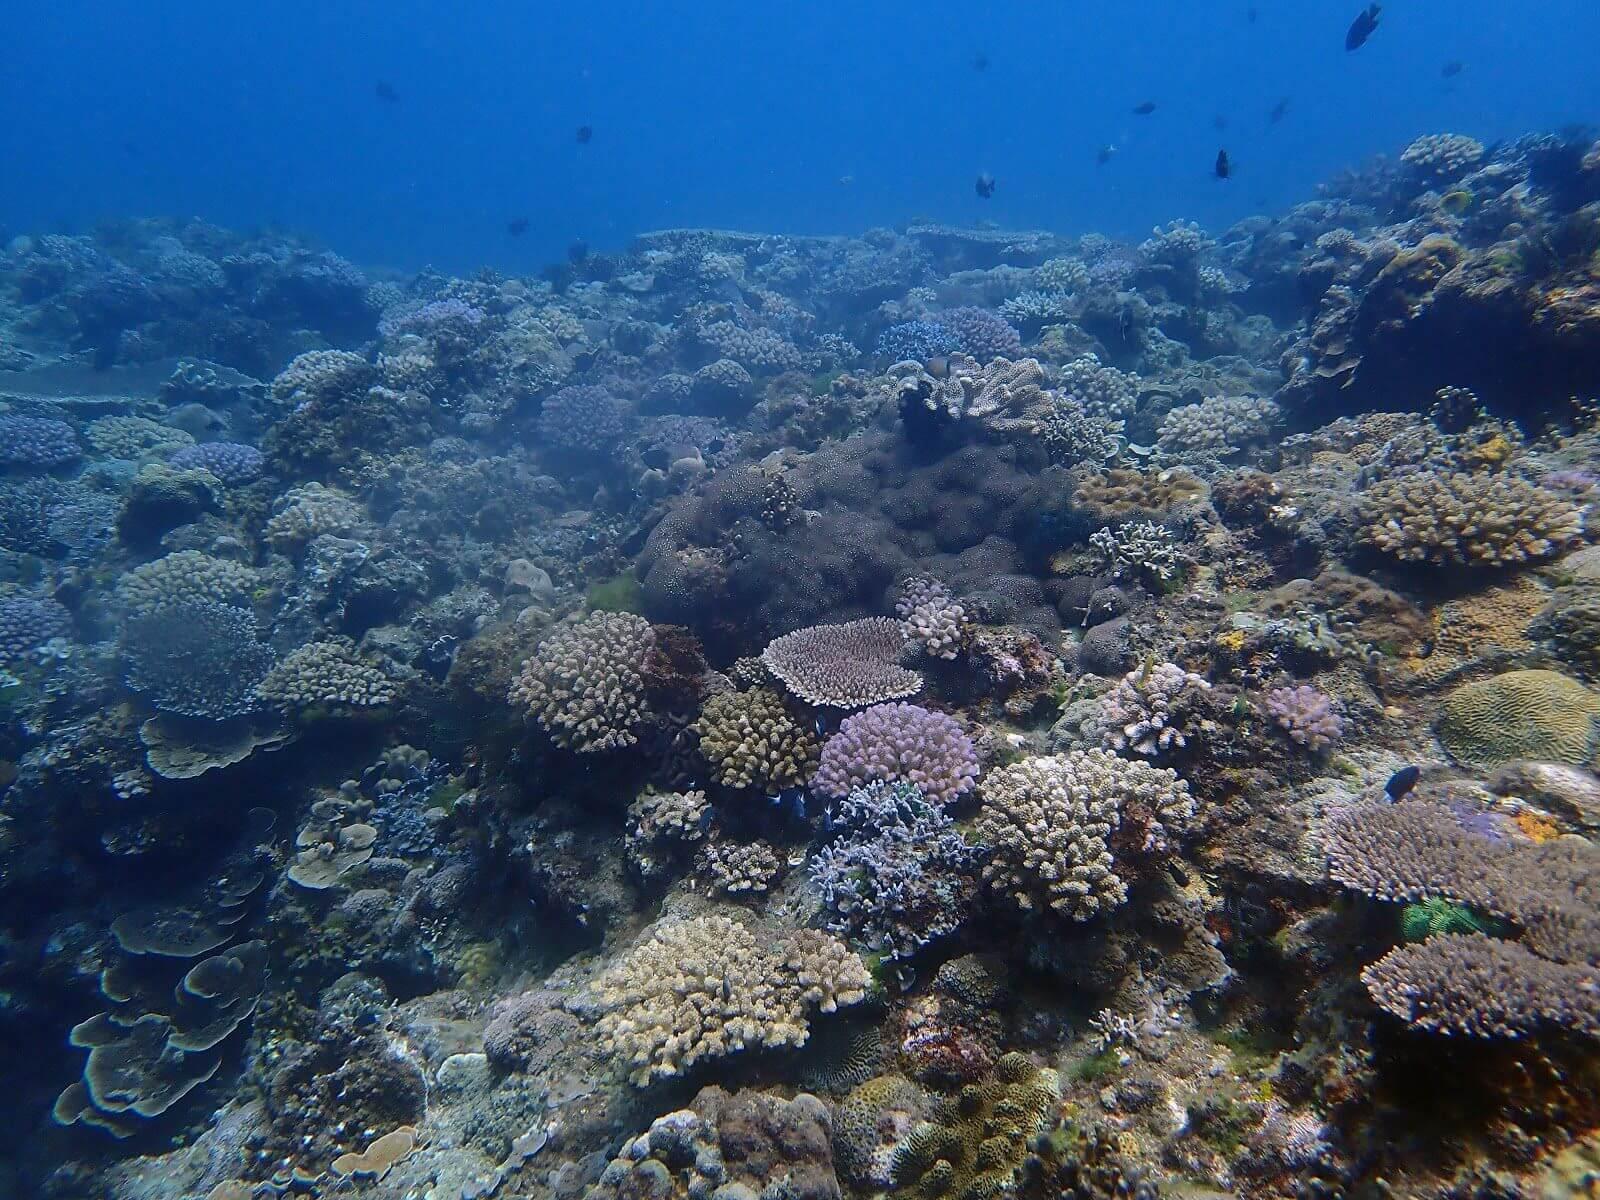 墾丁的珊瑚礁_唐寧襄攝